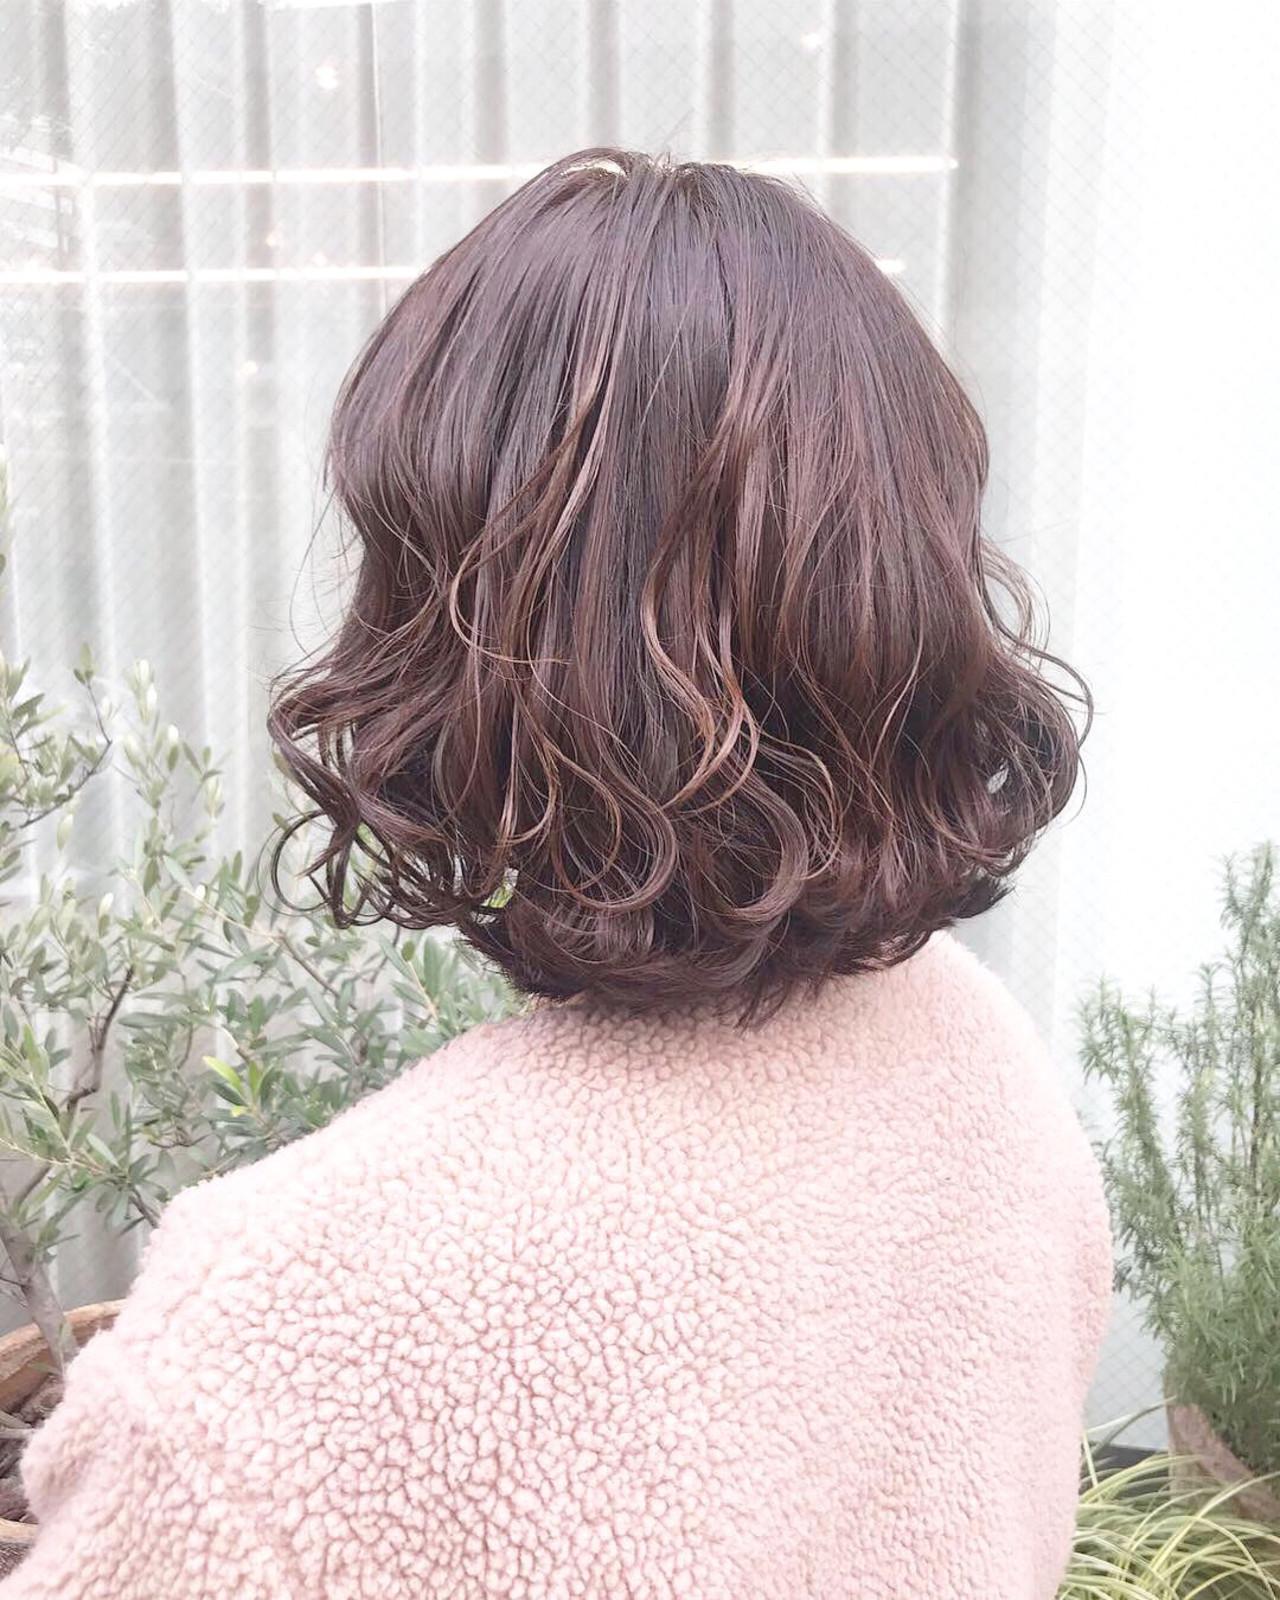 ガーリー ボブ 波巻き 大人ハイライト ヘアスタイルや髪型の写真・画像